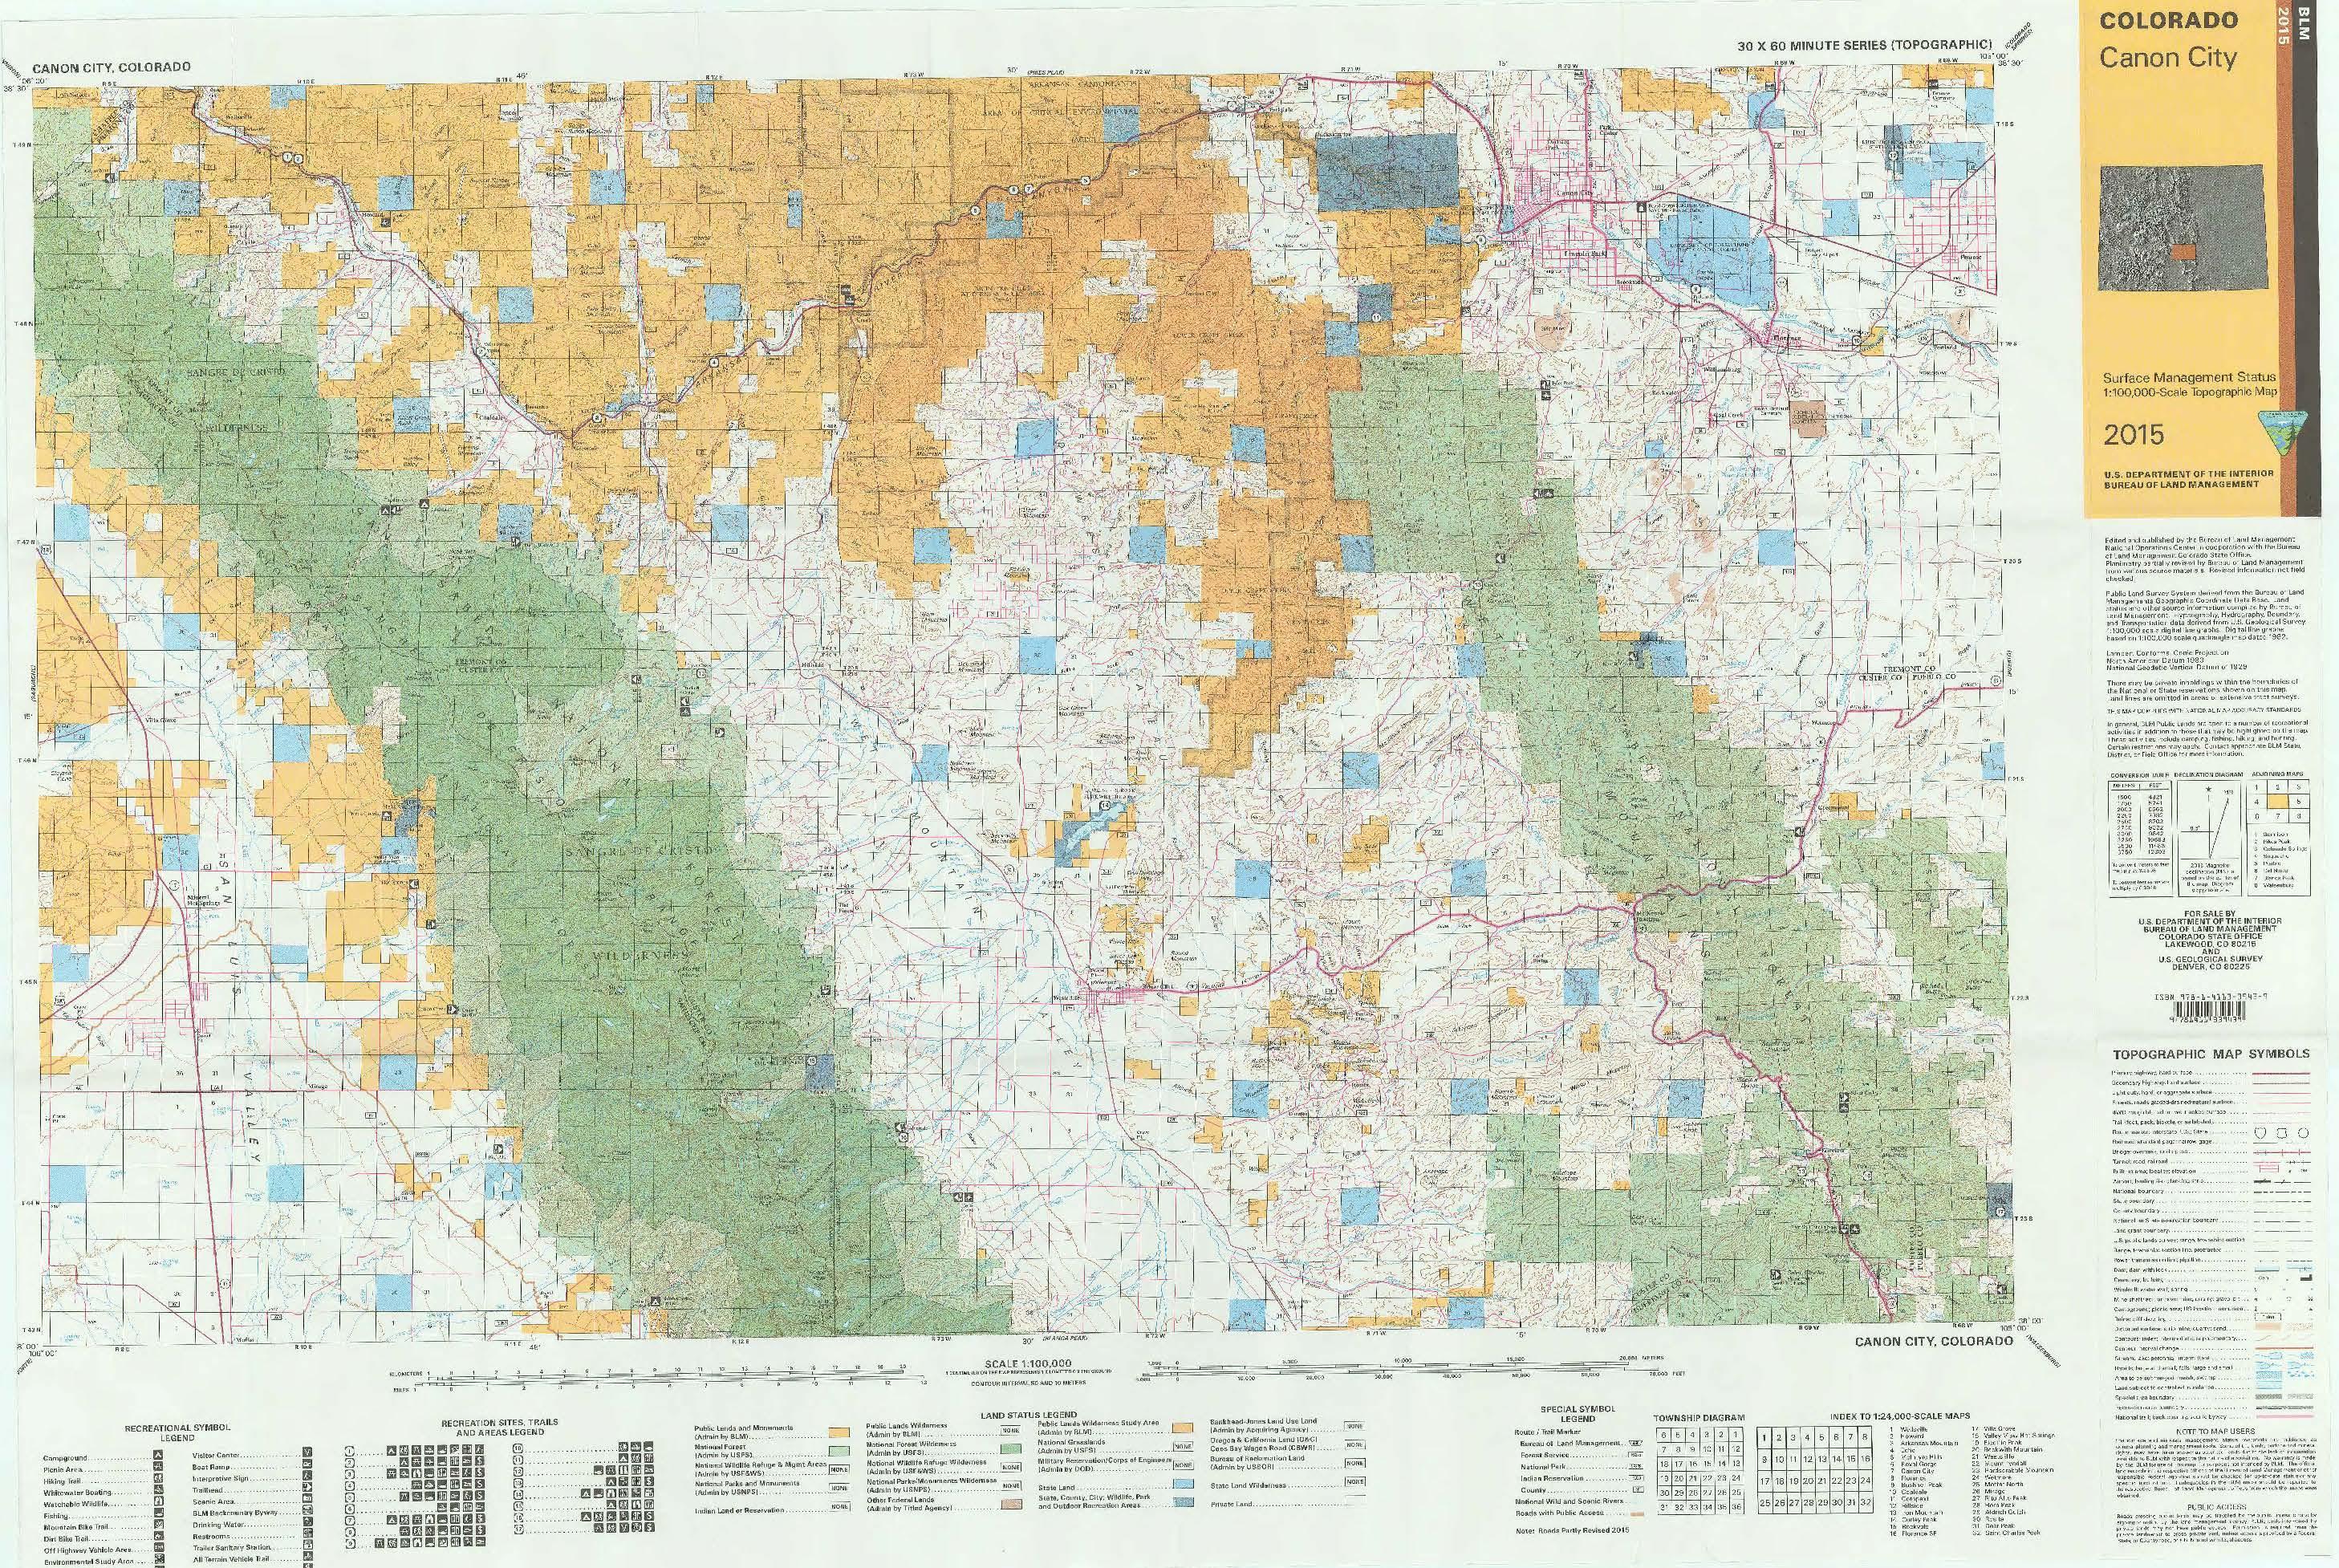 Blm Colorado Map CO Surface Management Status Canon City Map | Bureau of Land